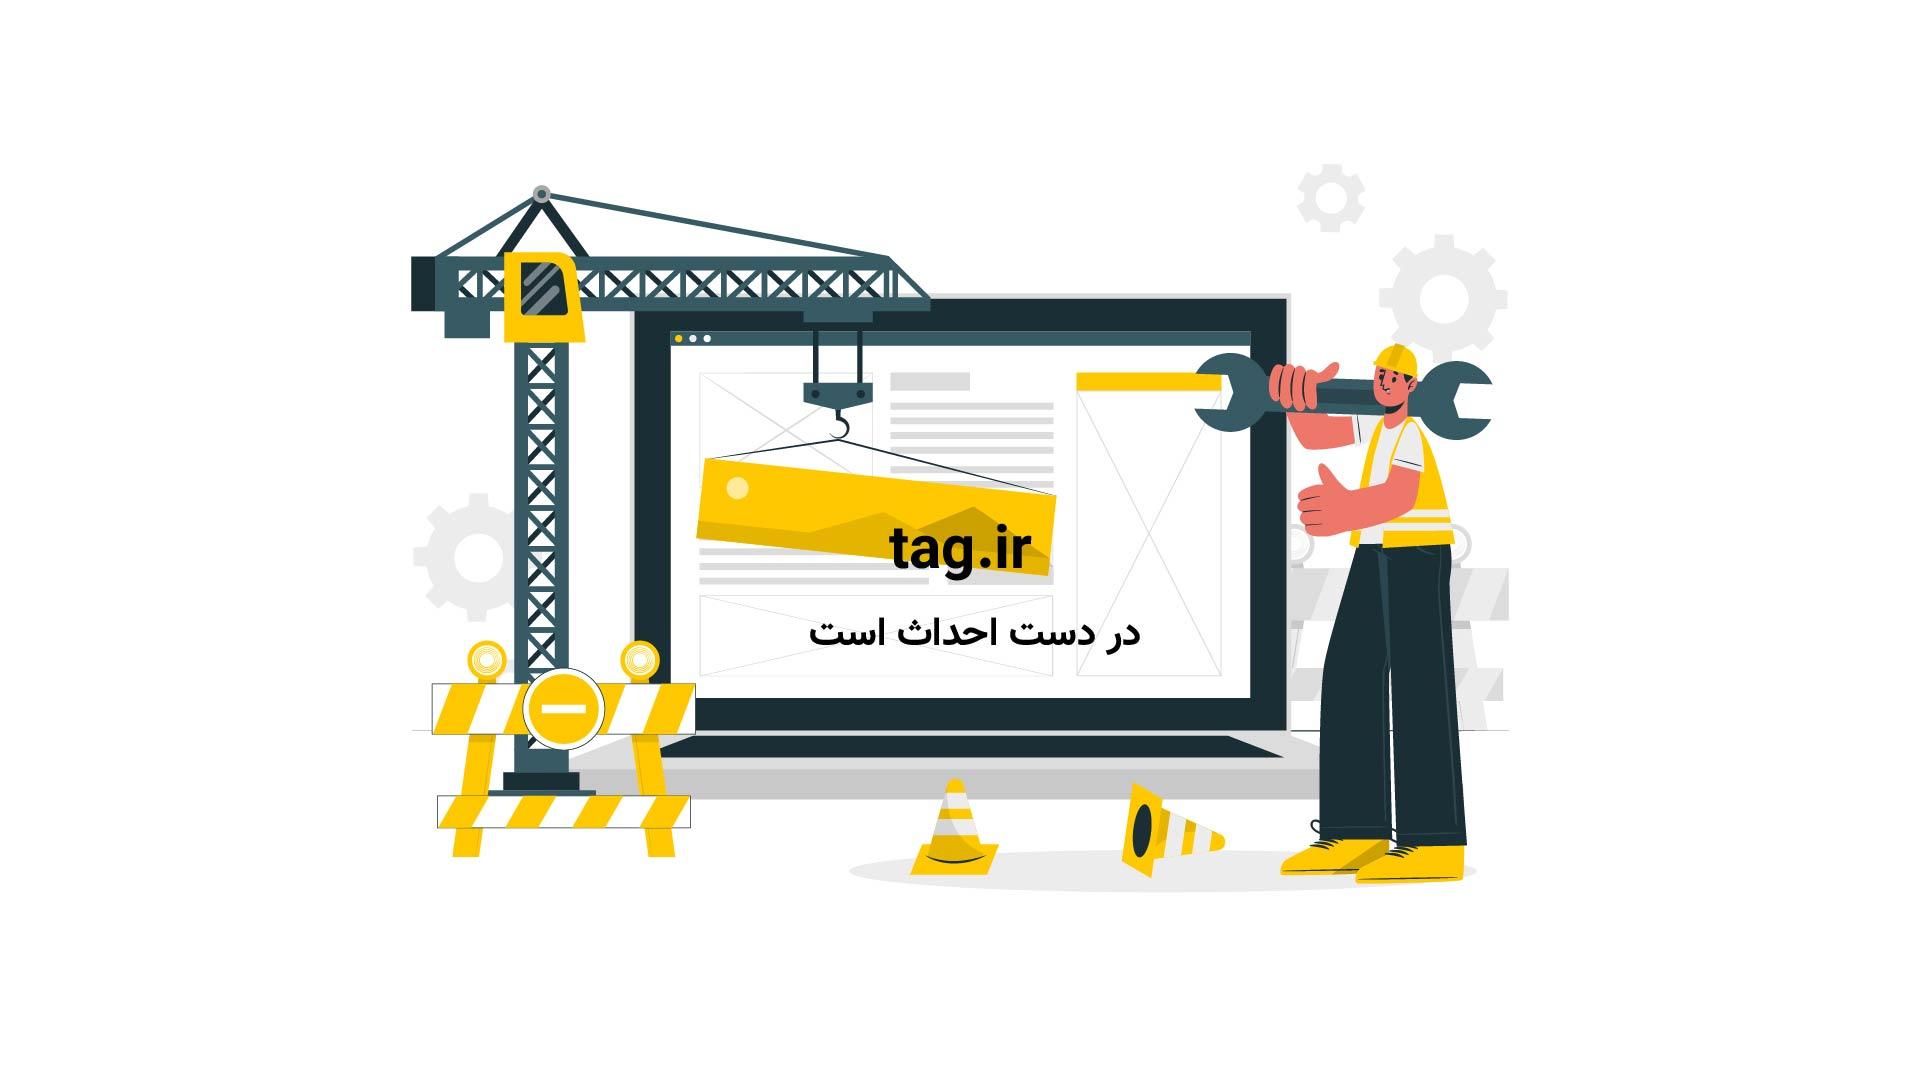 آموزش کشیدن پروانه | تگ